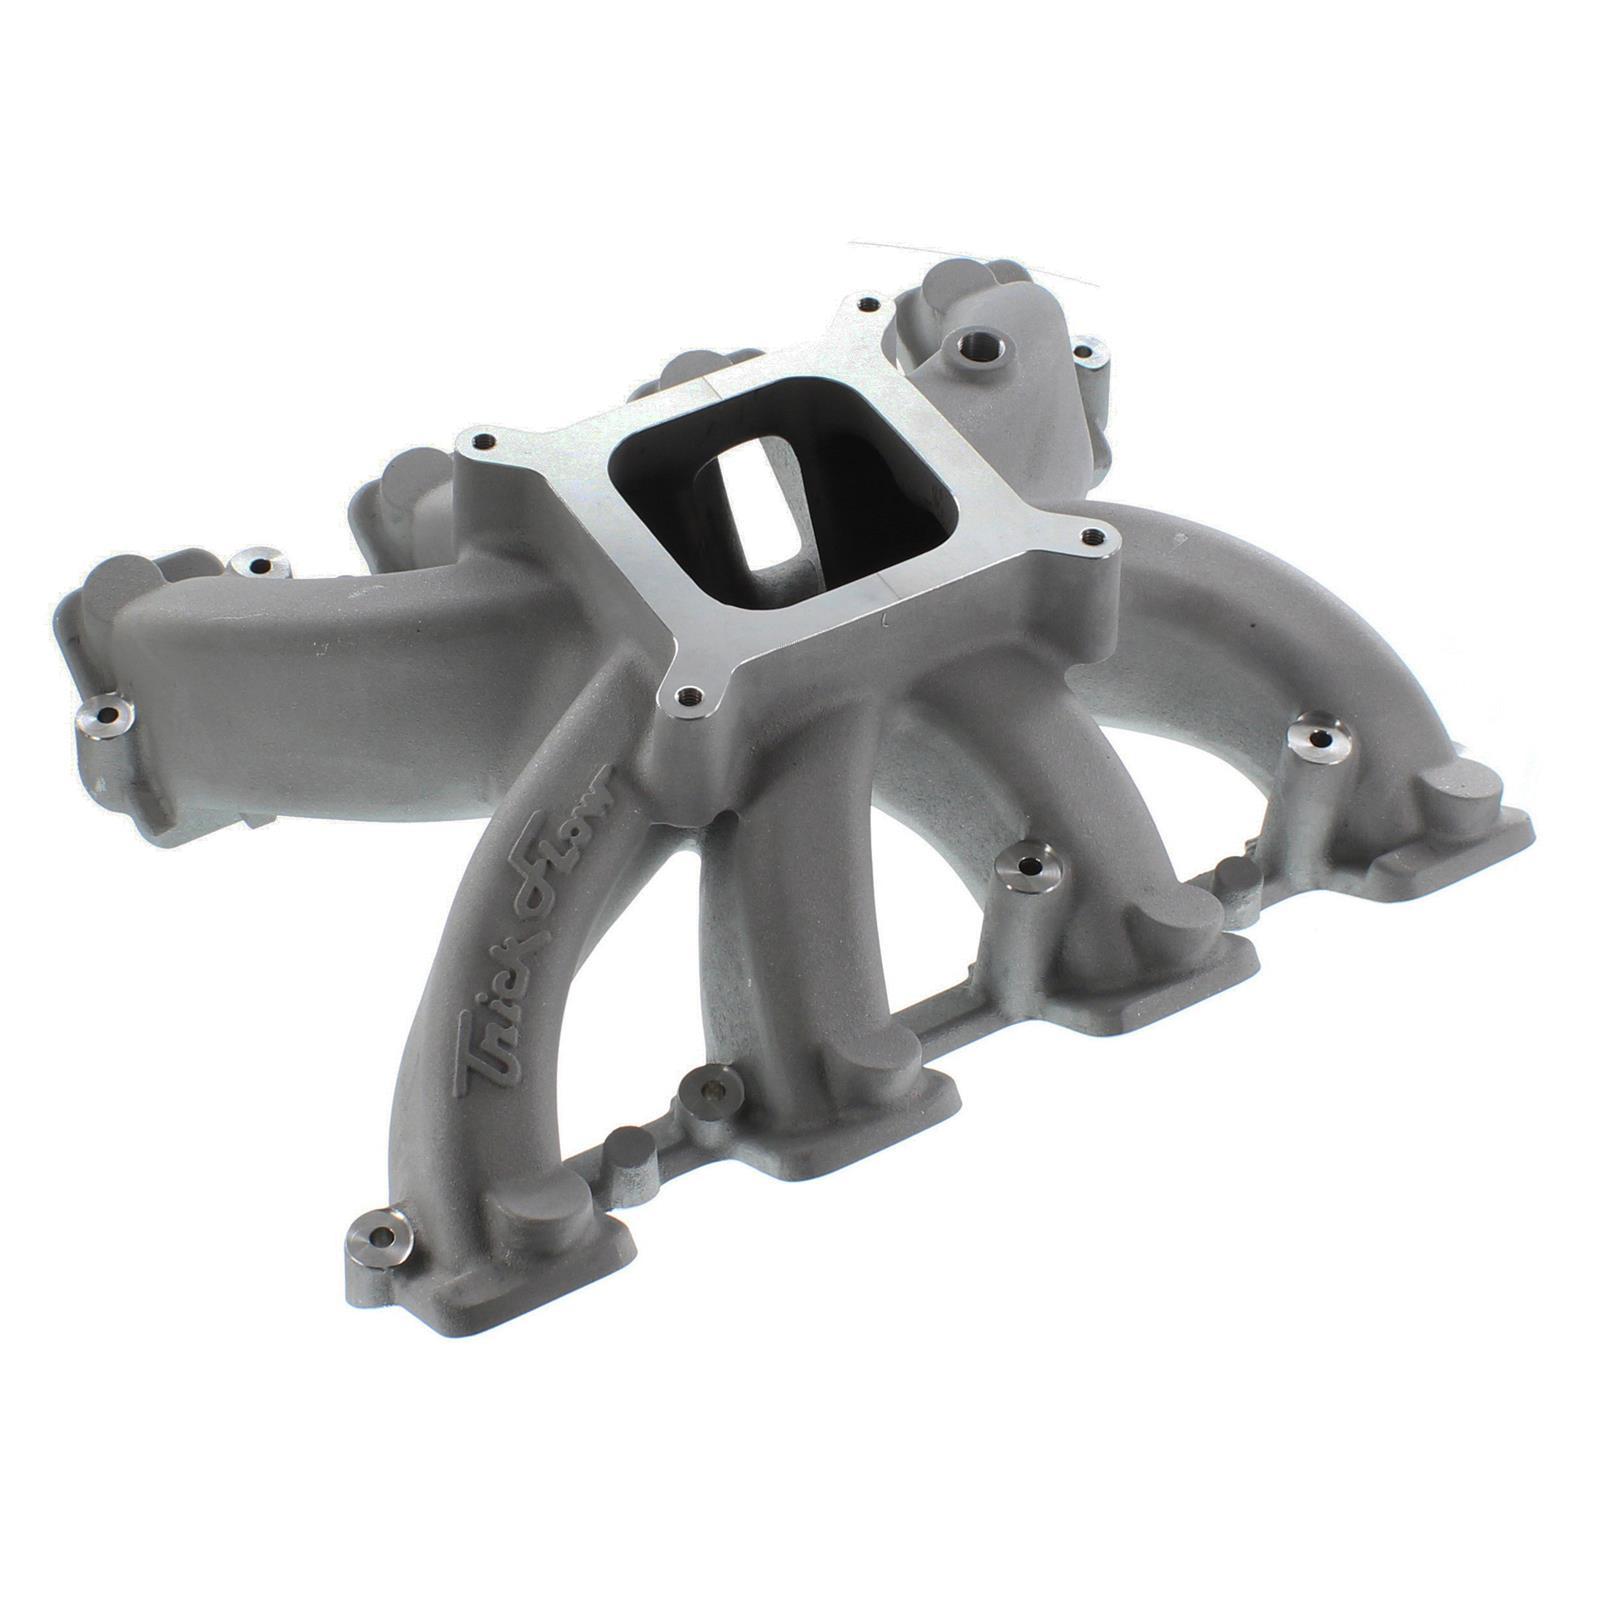 Ls1 Intake Flow Numbers: Trick Flow® R-Series GM LS3 Carbureted Intake Manifold TFS